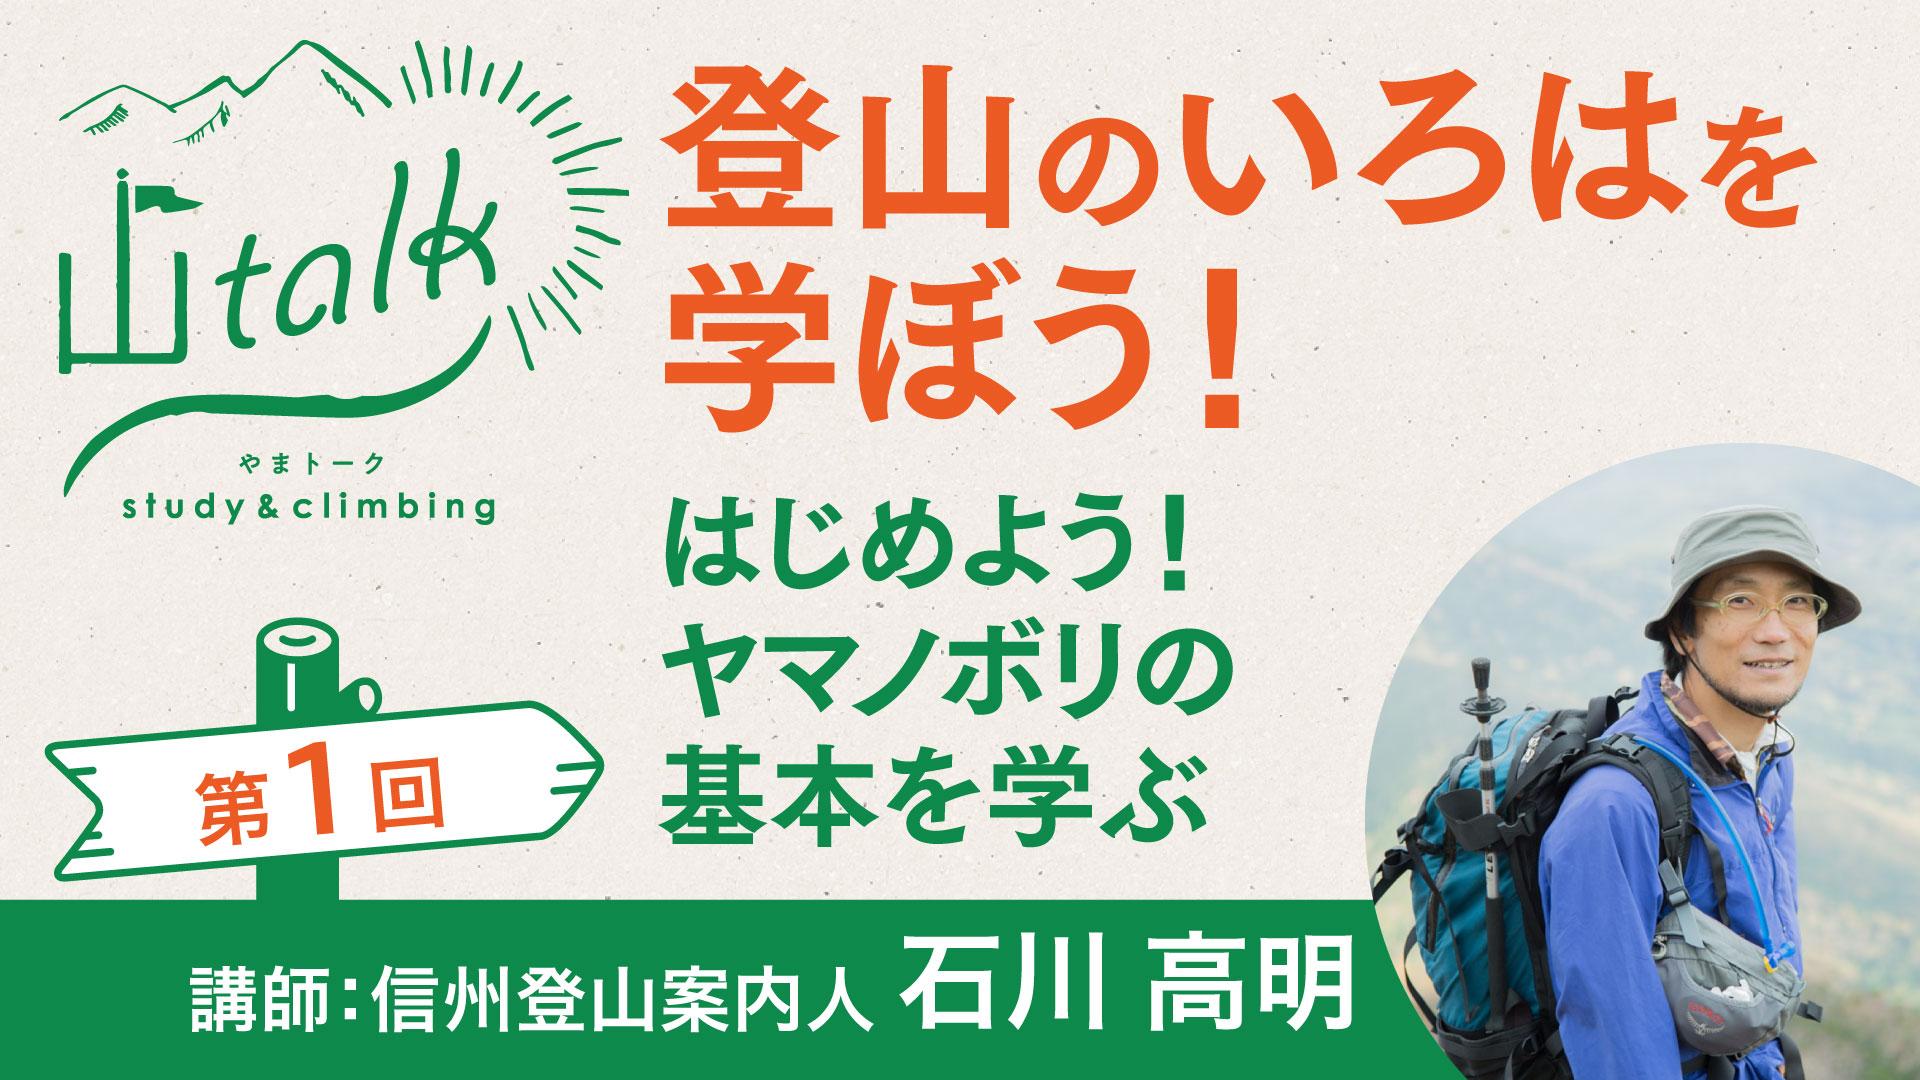 【登山】山トーク/登山のいろはを学ぼう!